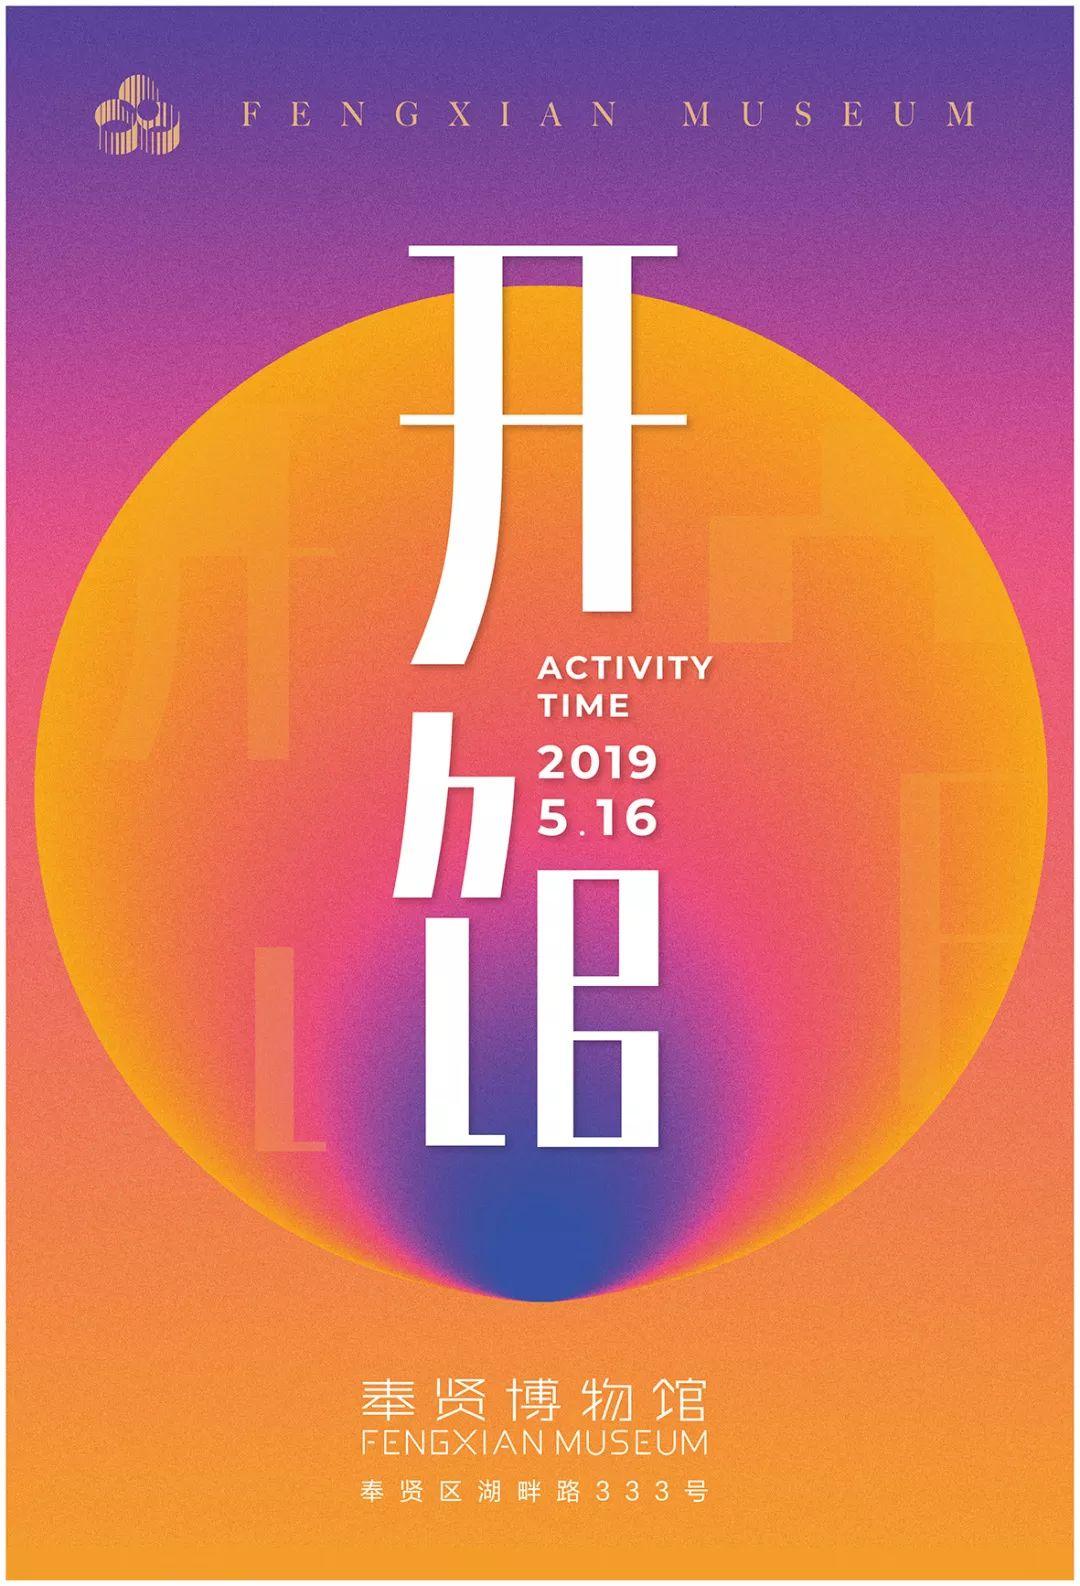 上海雍正故宫文物大展预约开启 | 附预约入口